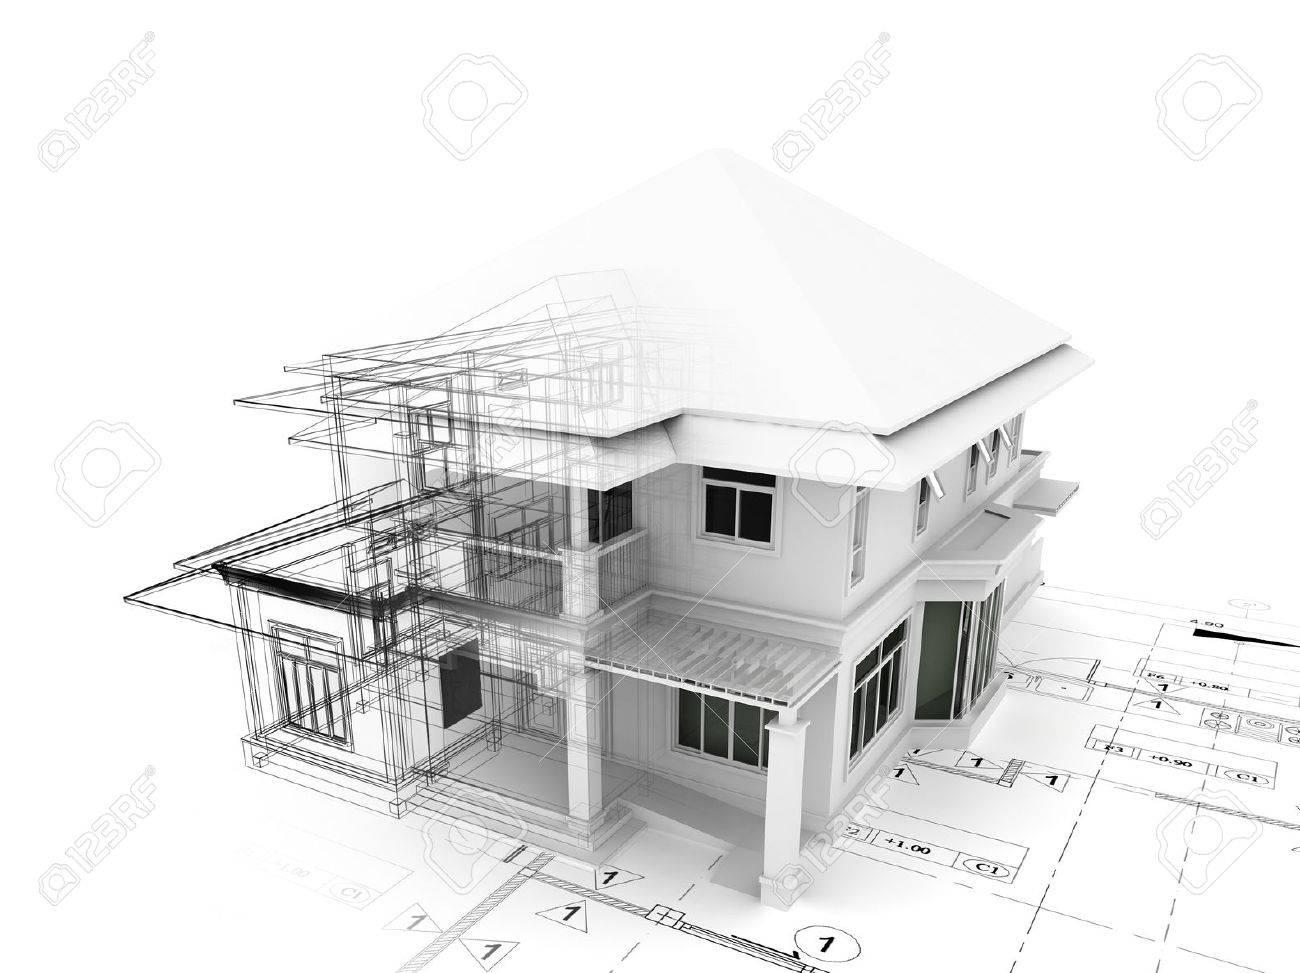 3D-Darstellung Von Haus ender uf Plan Lizenzfreie Fotos, Bilder ... size: 1300 x 973 post ID: 1 File size: 0 B